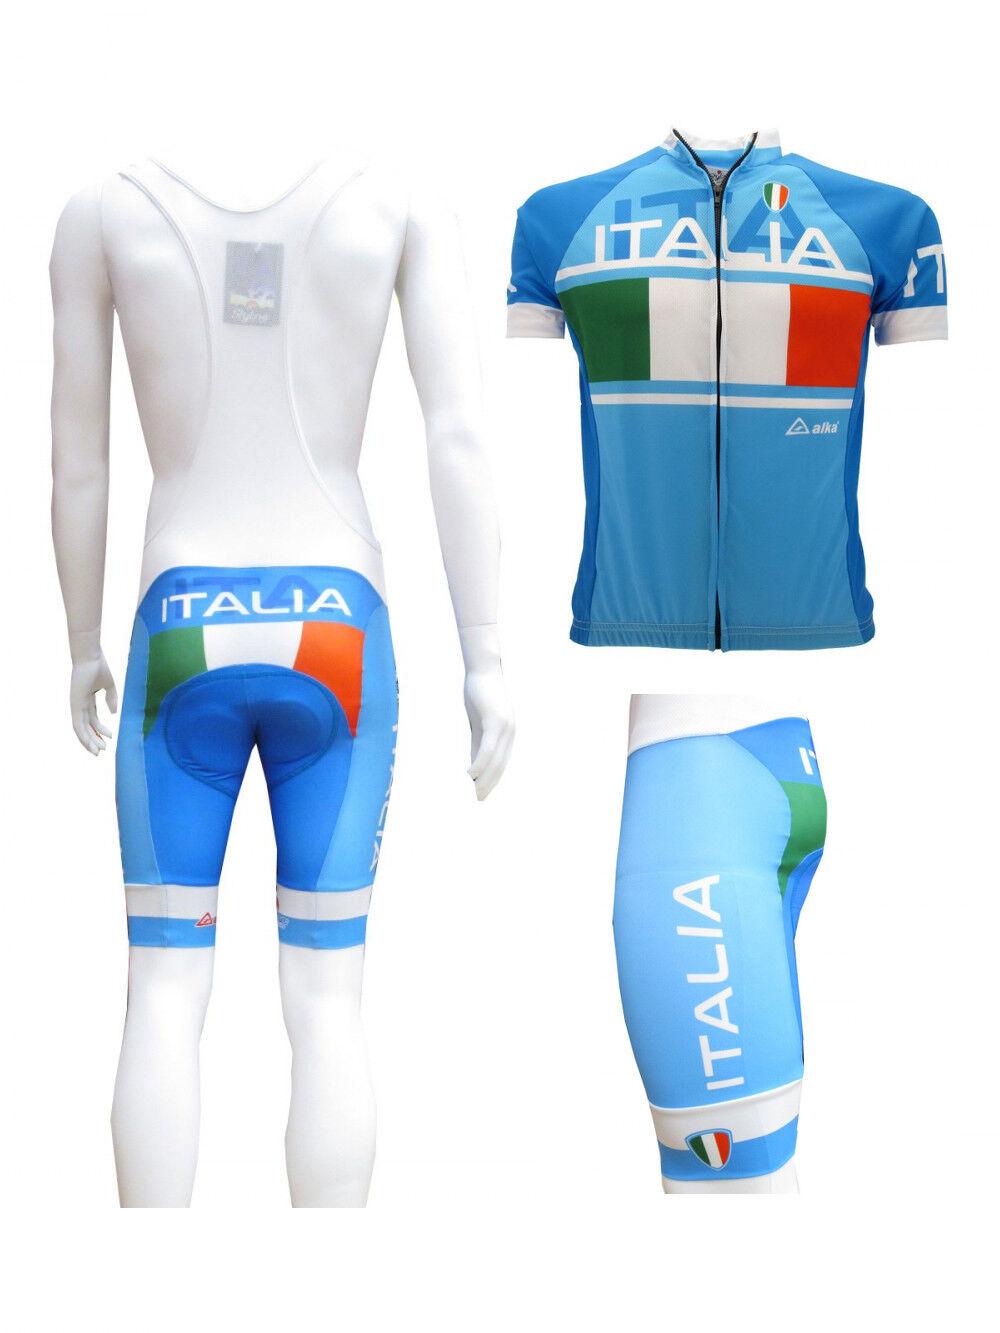 Calzoni Maglia Ciclismo Italia bicicletta Divisa Azzurra Salopette abbigliamento bicicletta Italia 4eaab8